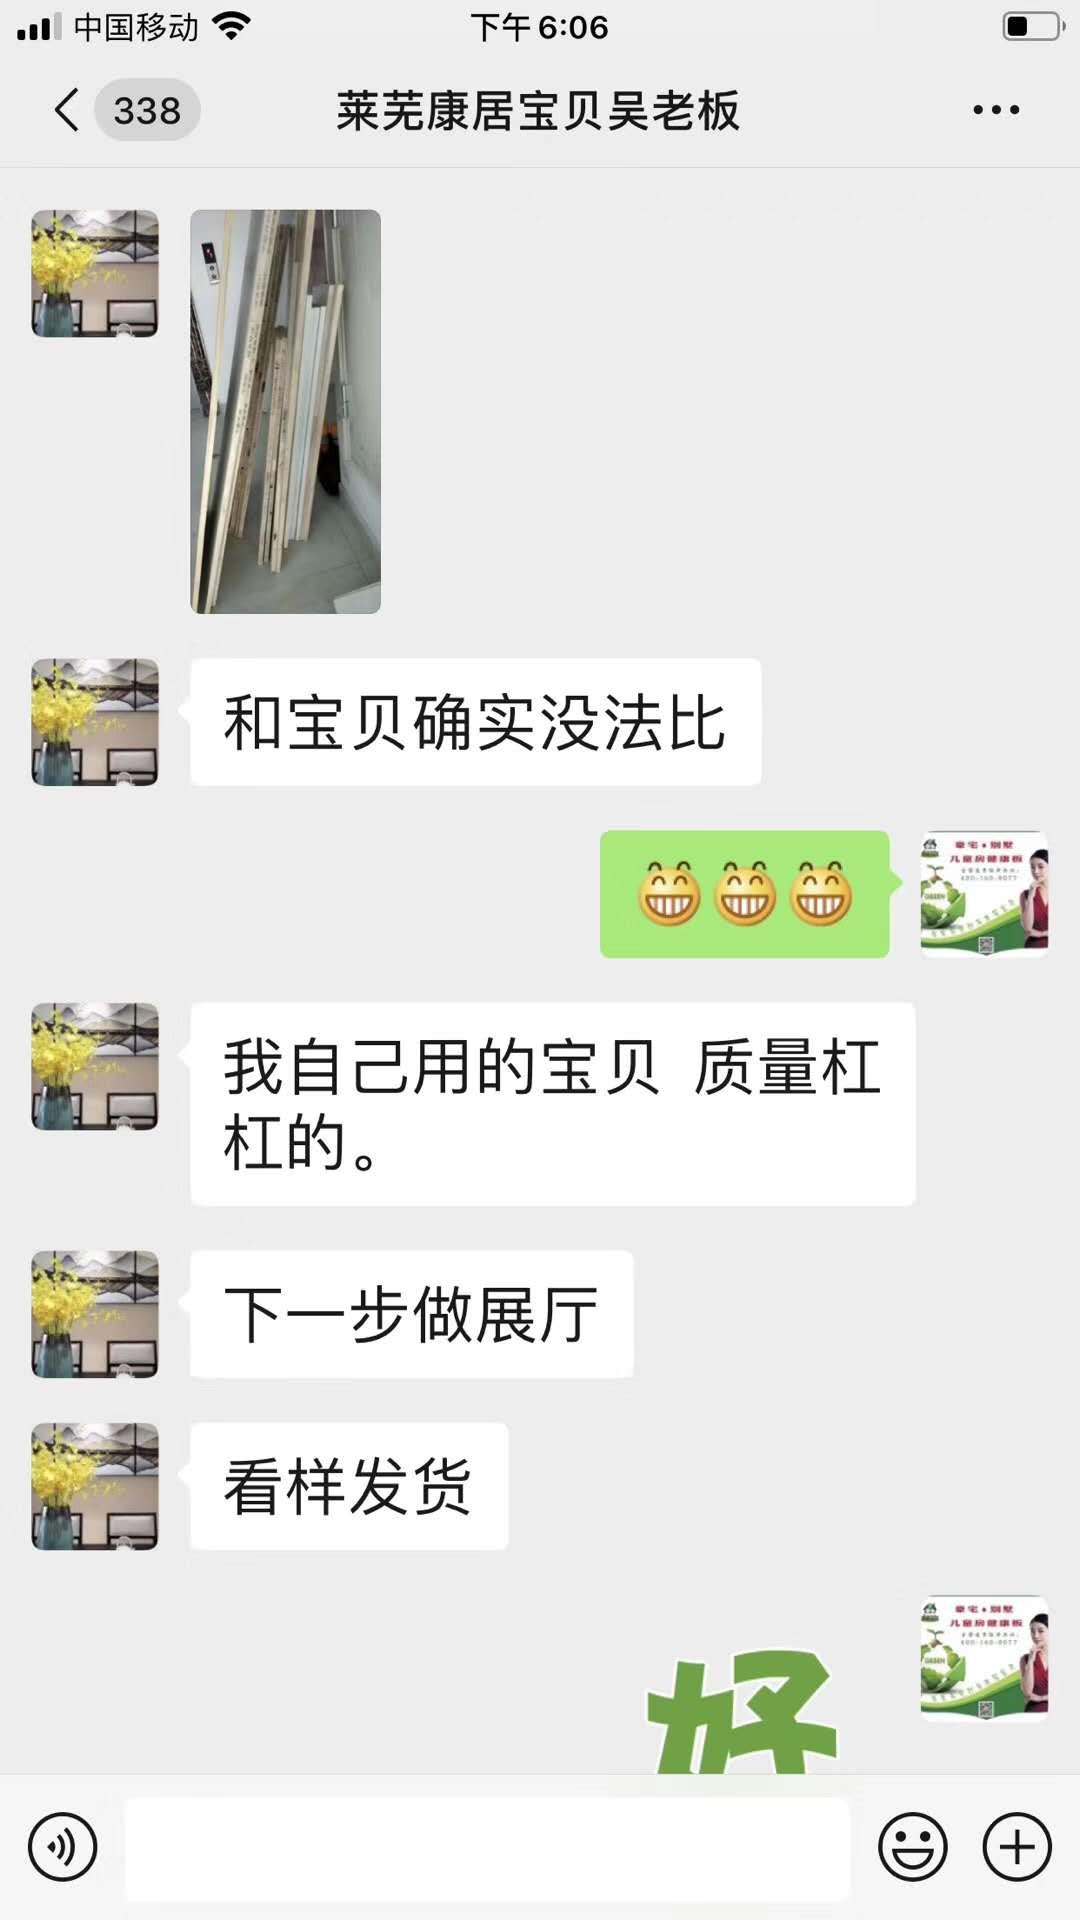 康居宝贝客户评价.jpg